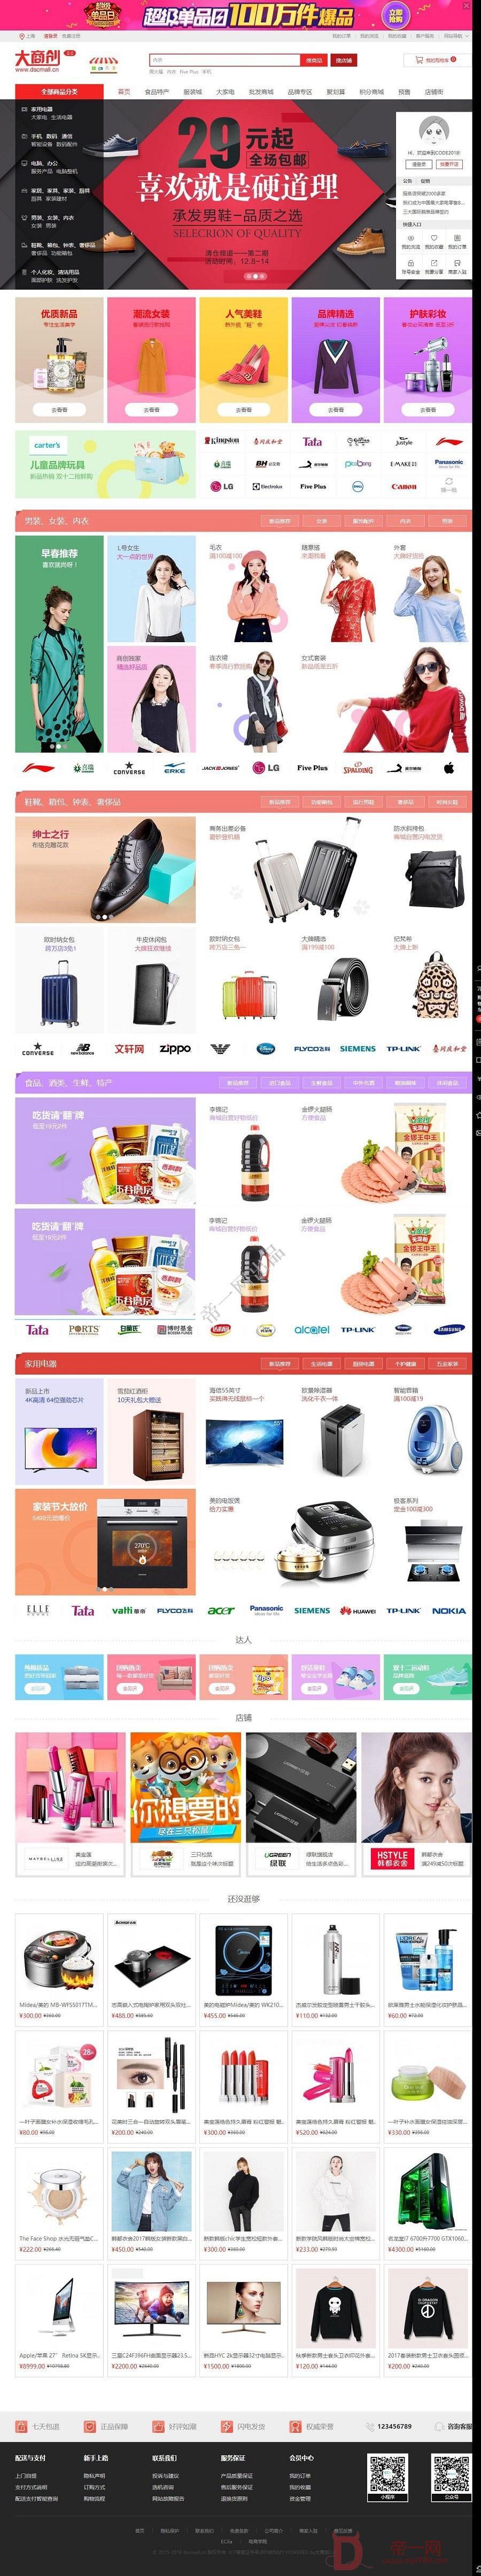 大商创V2.5.3开源版 PC+WAP+微分销+批发+拼团+众筹+拍卖+支付宝、微信支付